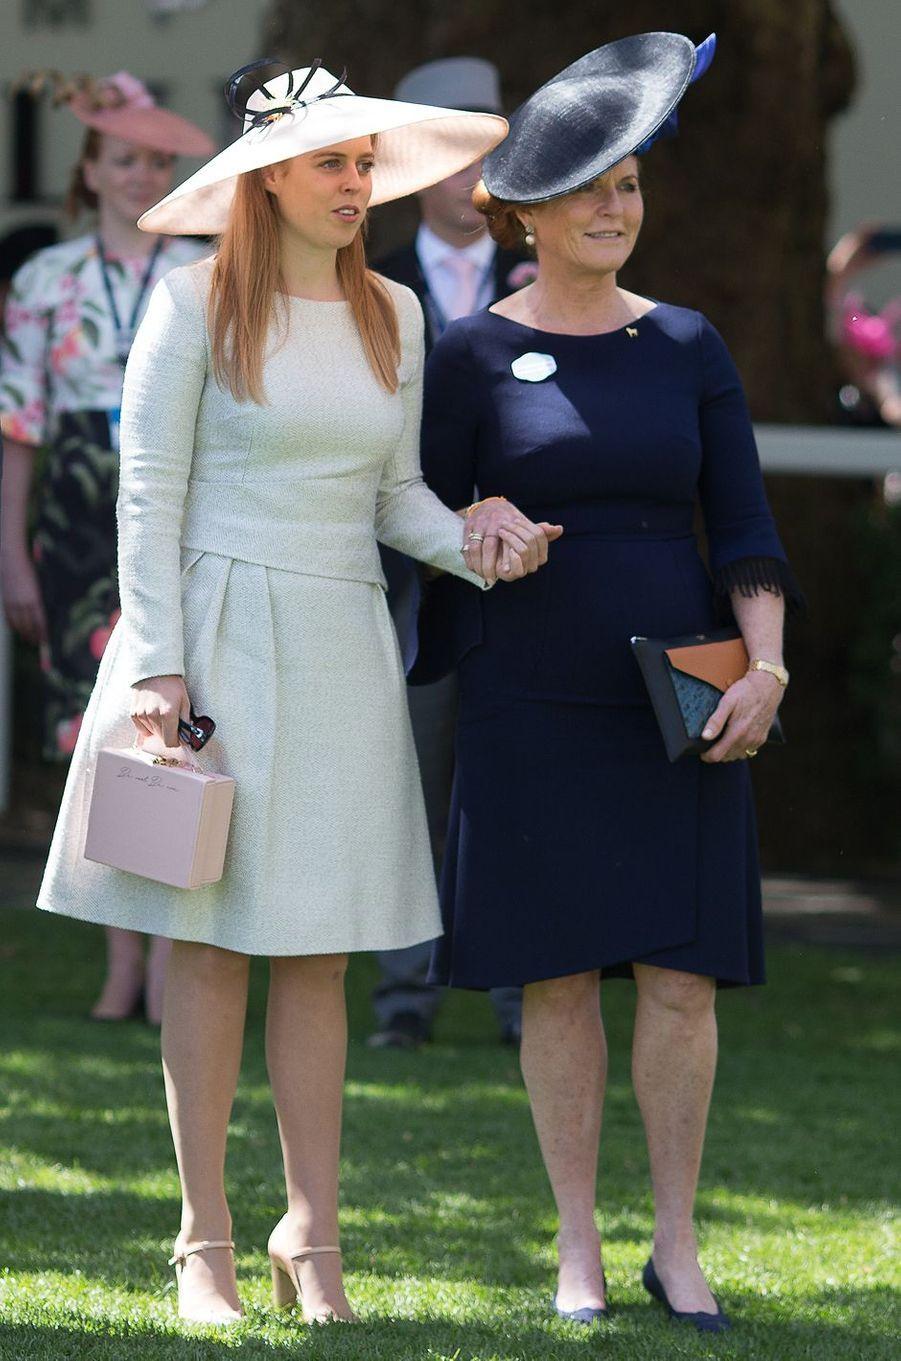 La princesse Beatrice d'York et Sarah Ferguson au Royal Ascot, le 22 juin 2018